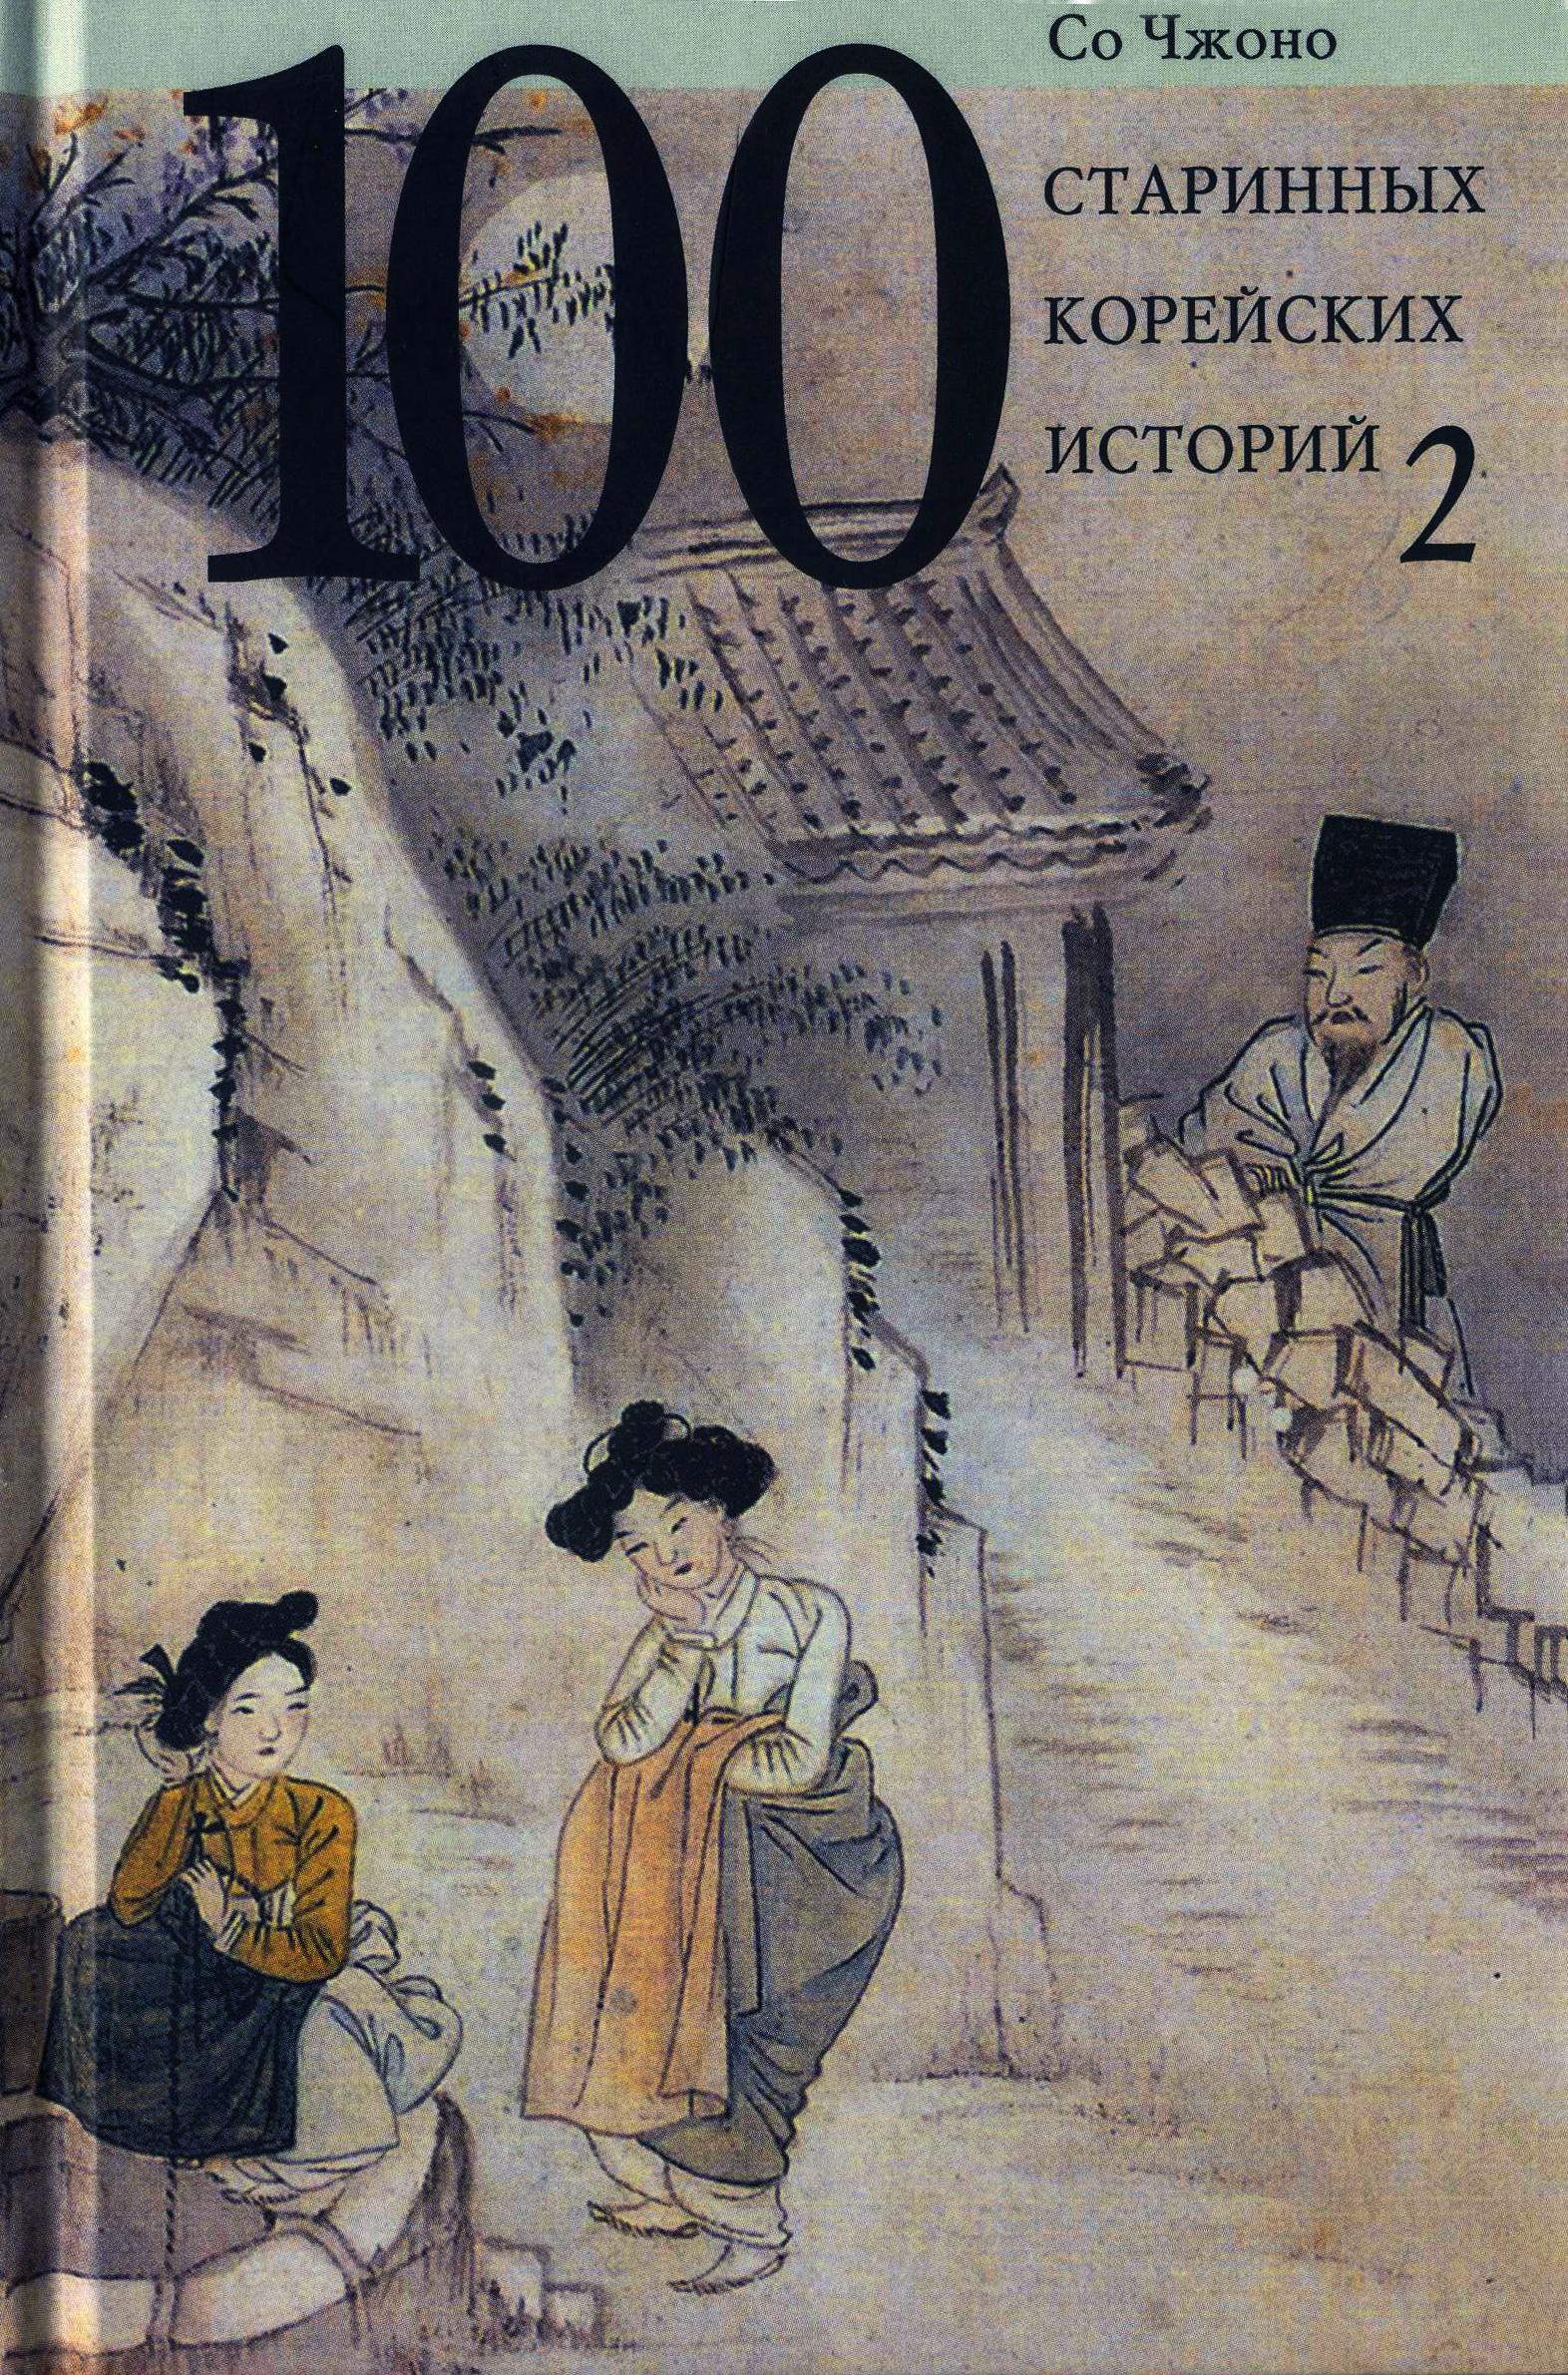 Купить книгу Сто старинных корейских историй. Том 2, автора Со Чжоно